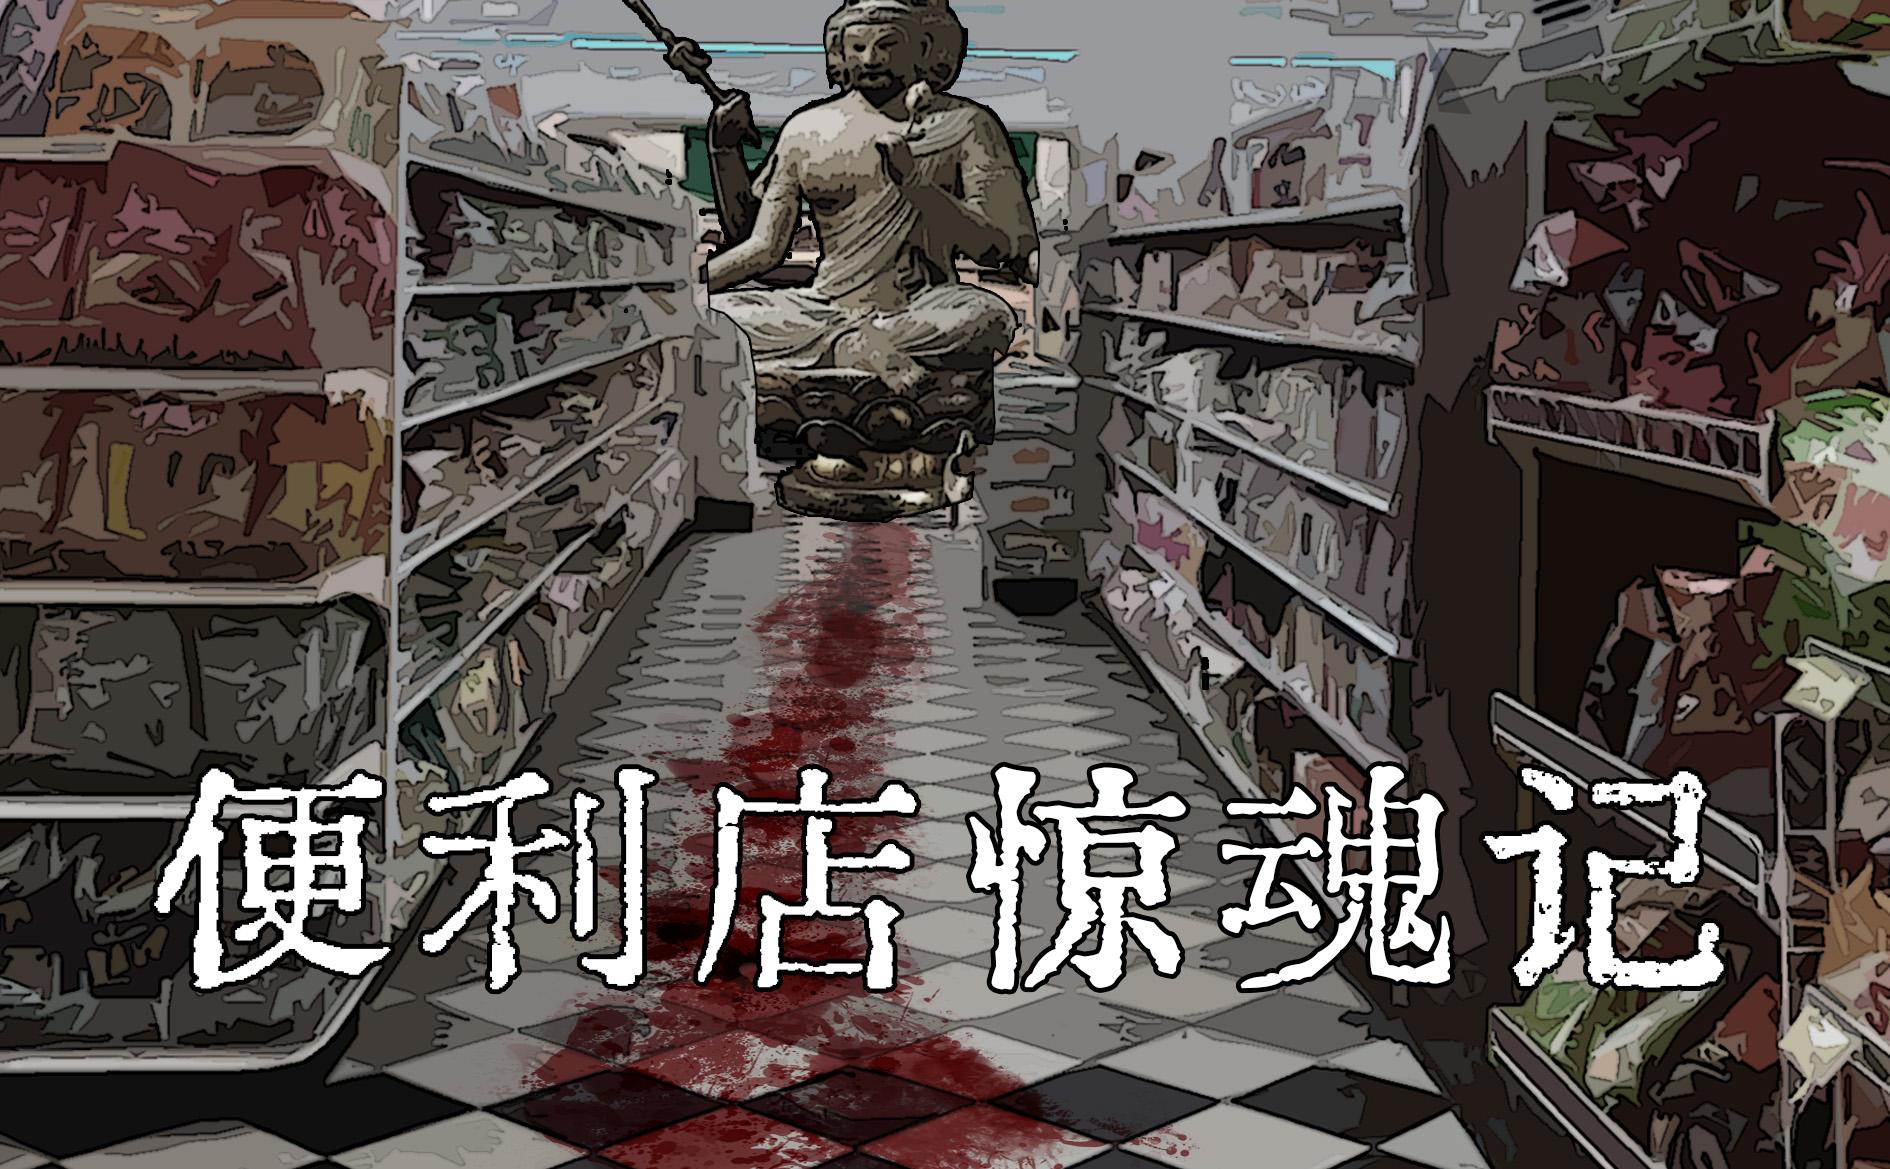 《便利店惊魂记》剧本杀故事背景_角色简介_凶手是谁_复盘解析